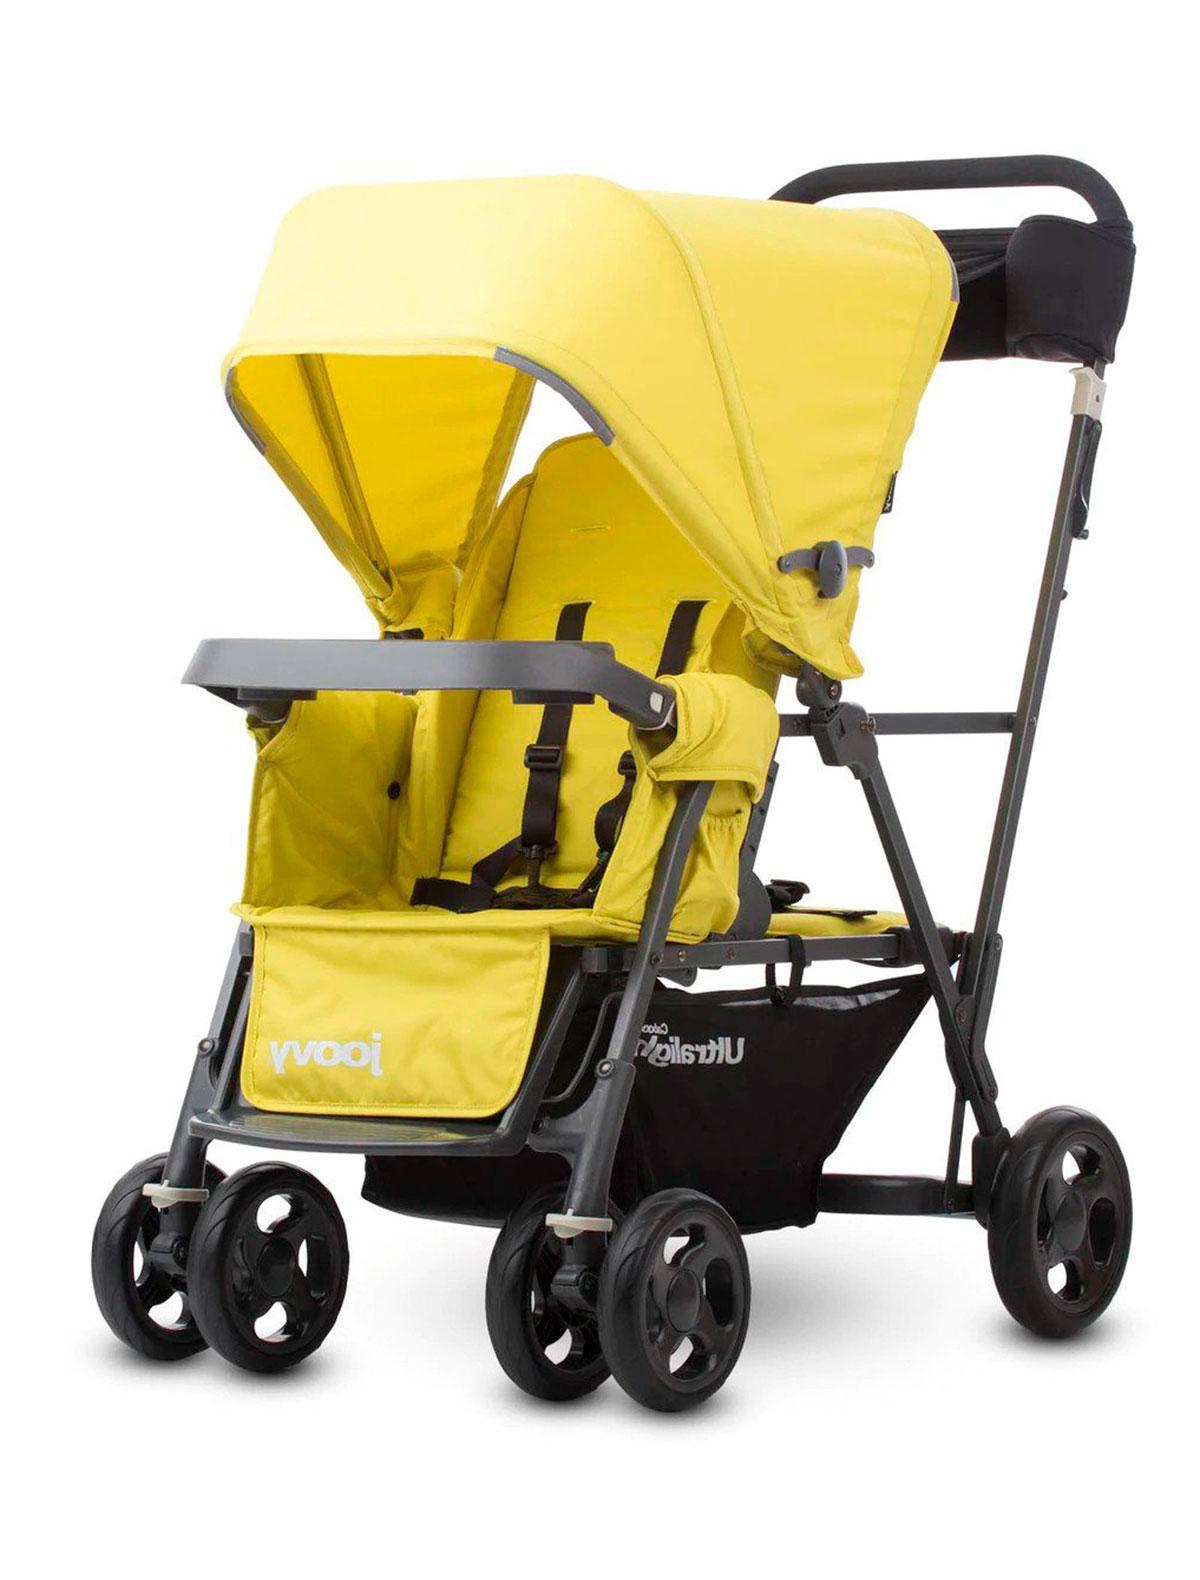 Купить 2337061, Коляска Joovy, желтый, 4004529180195